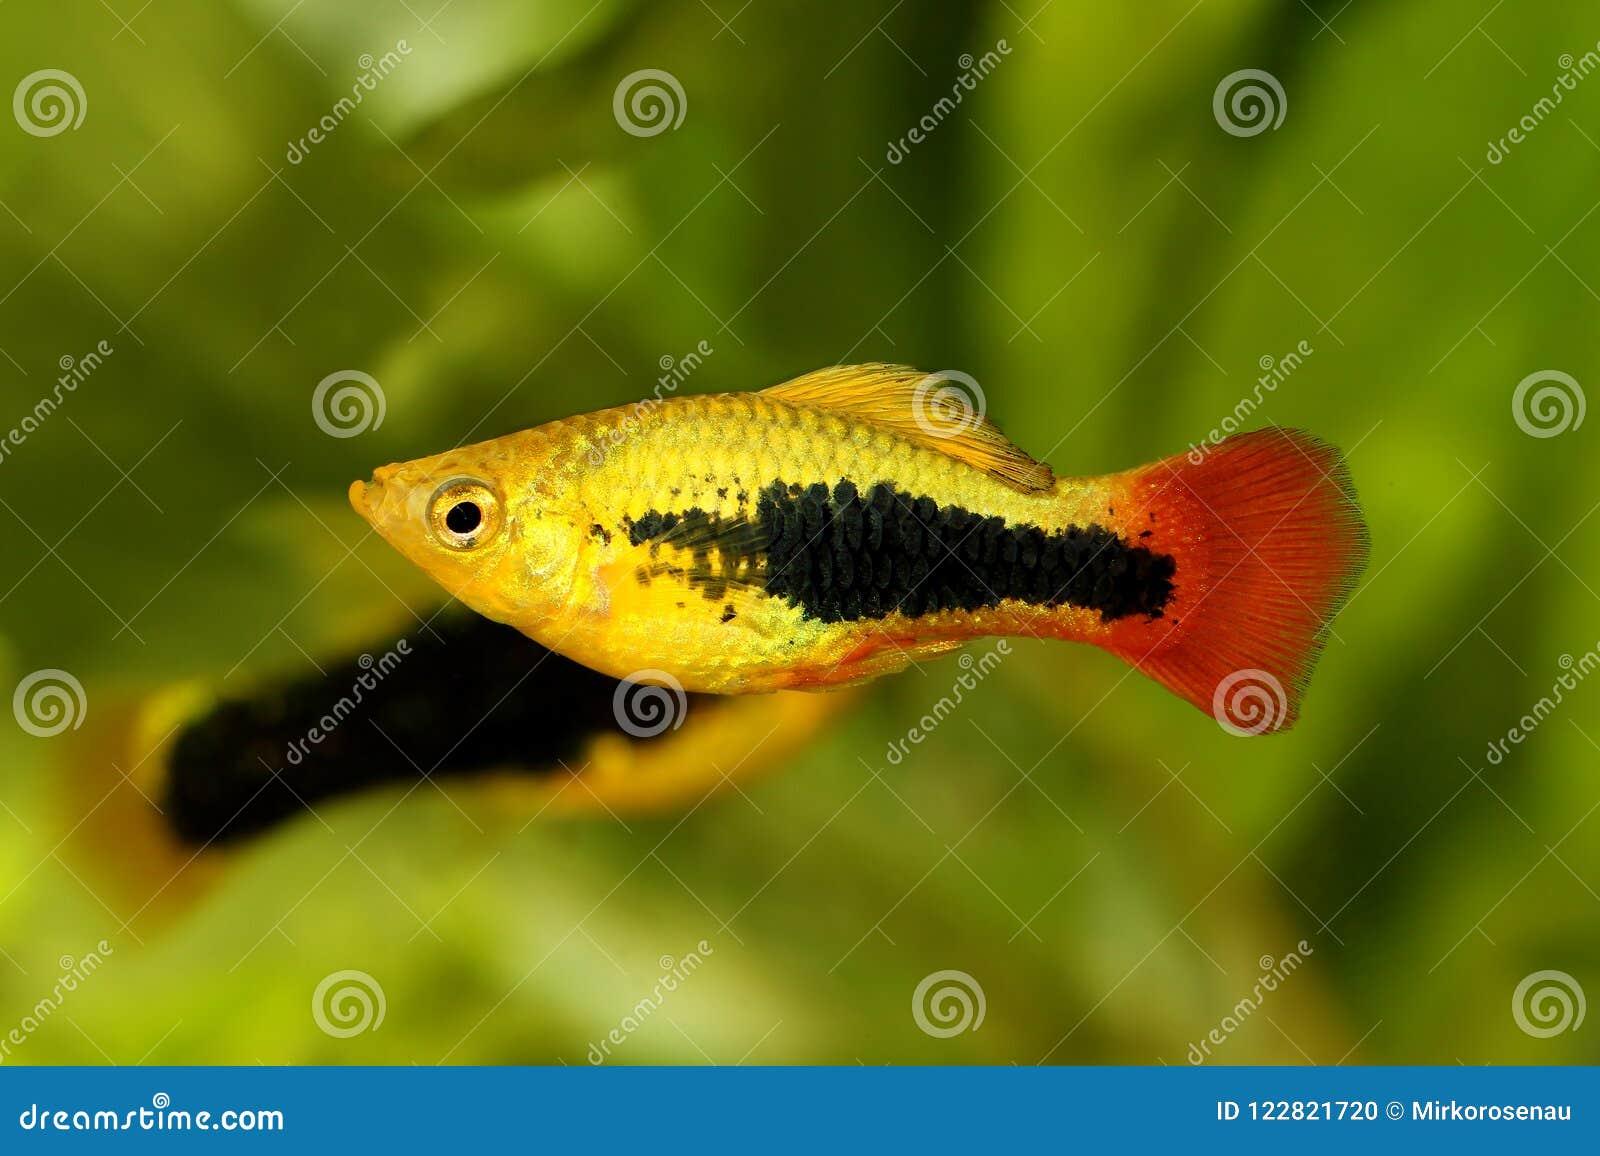 镶有钻石的旭日形首饰的无尾礼服新月鱼男性Xiphophorus maculatus热带水族馆鱼